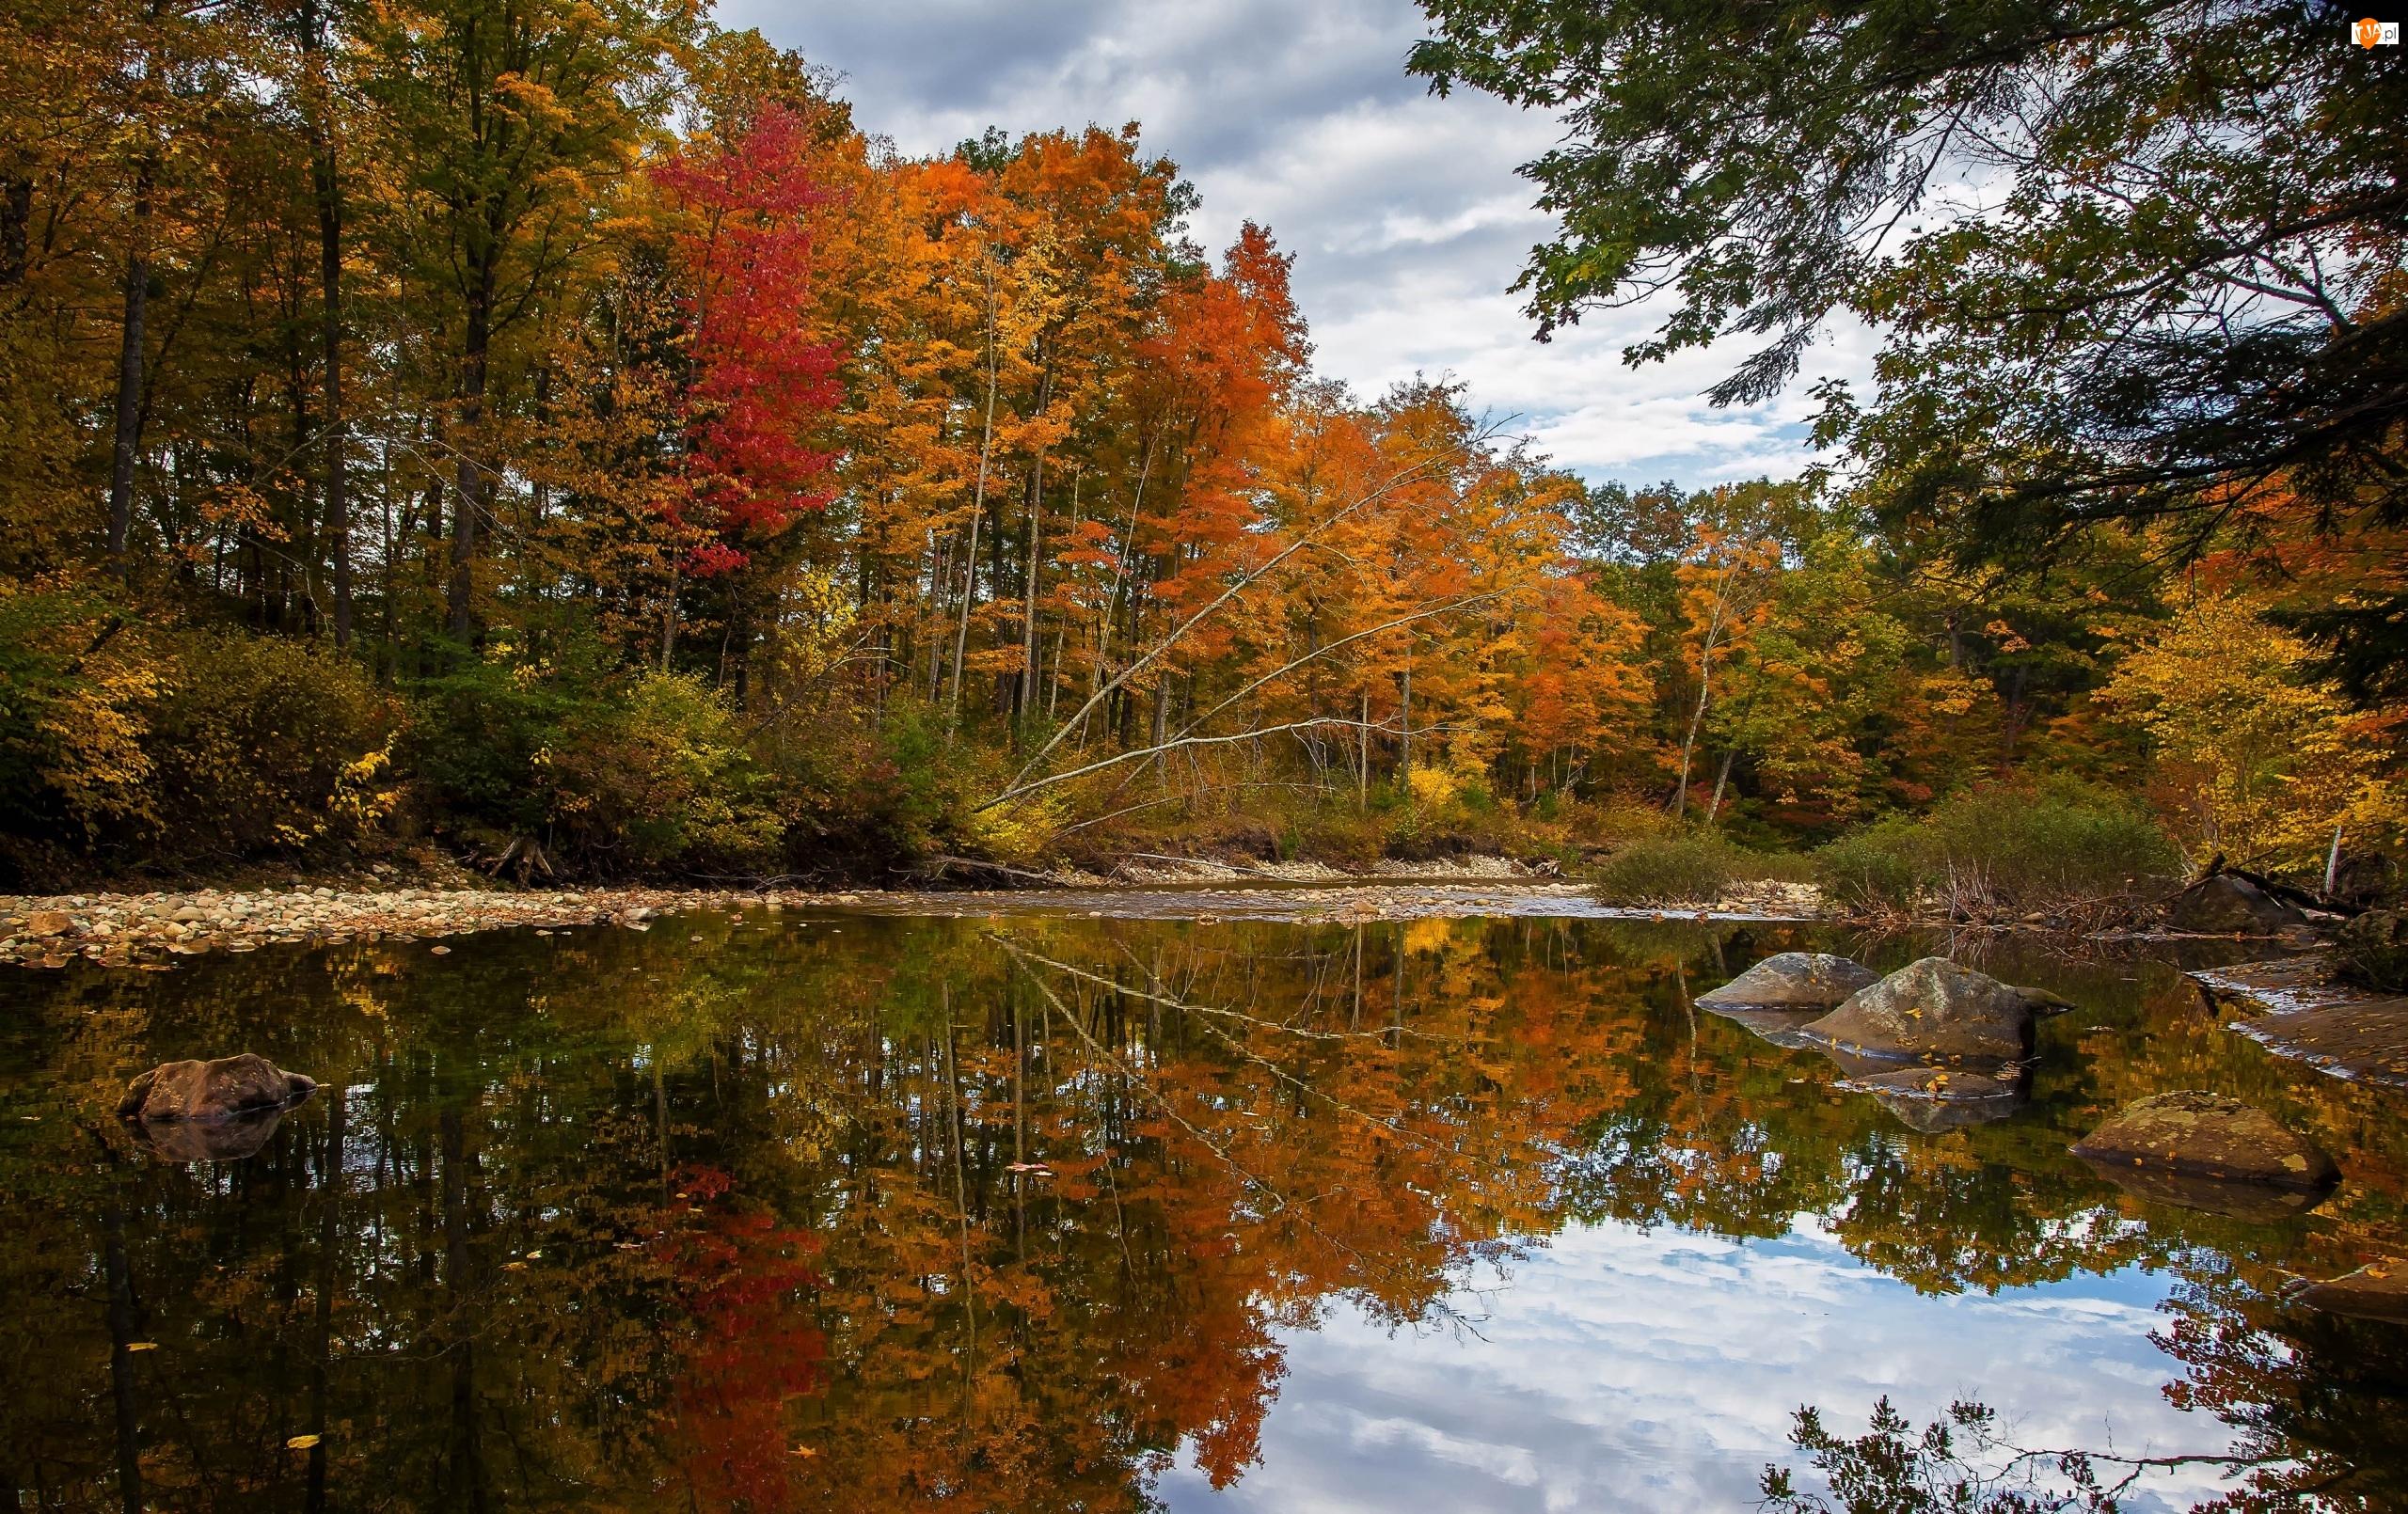 Jesień, Kamienie, Rzeka, Odbicie, Drzewa, Chmury